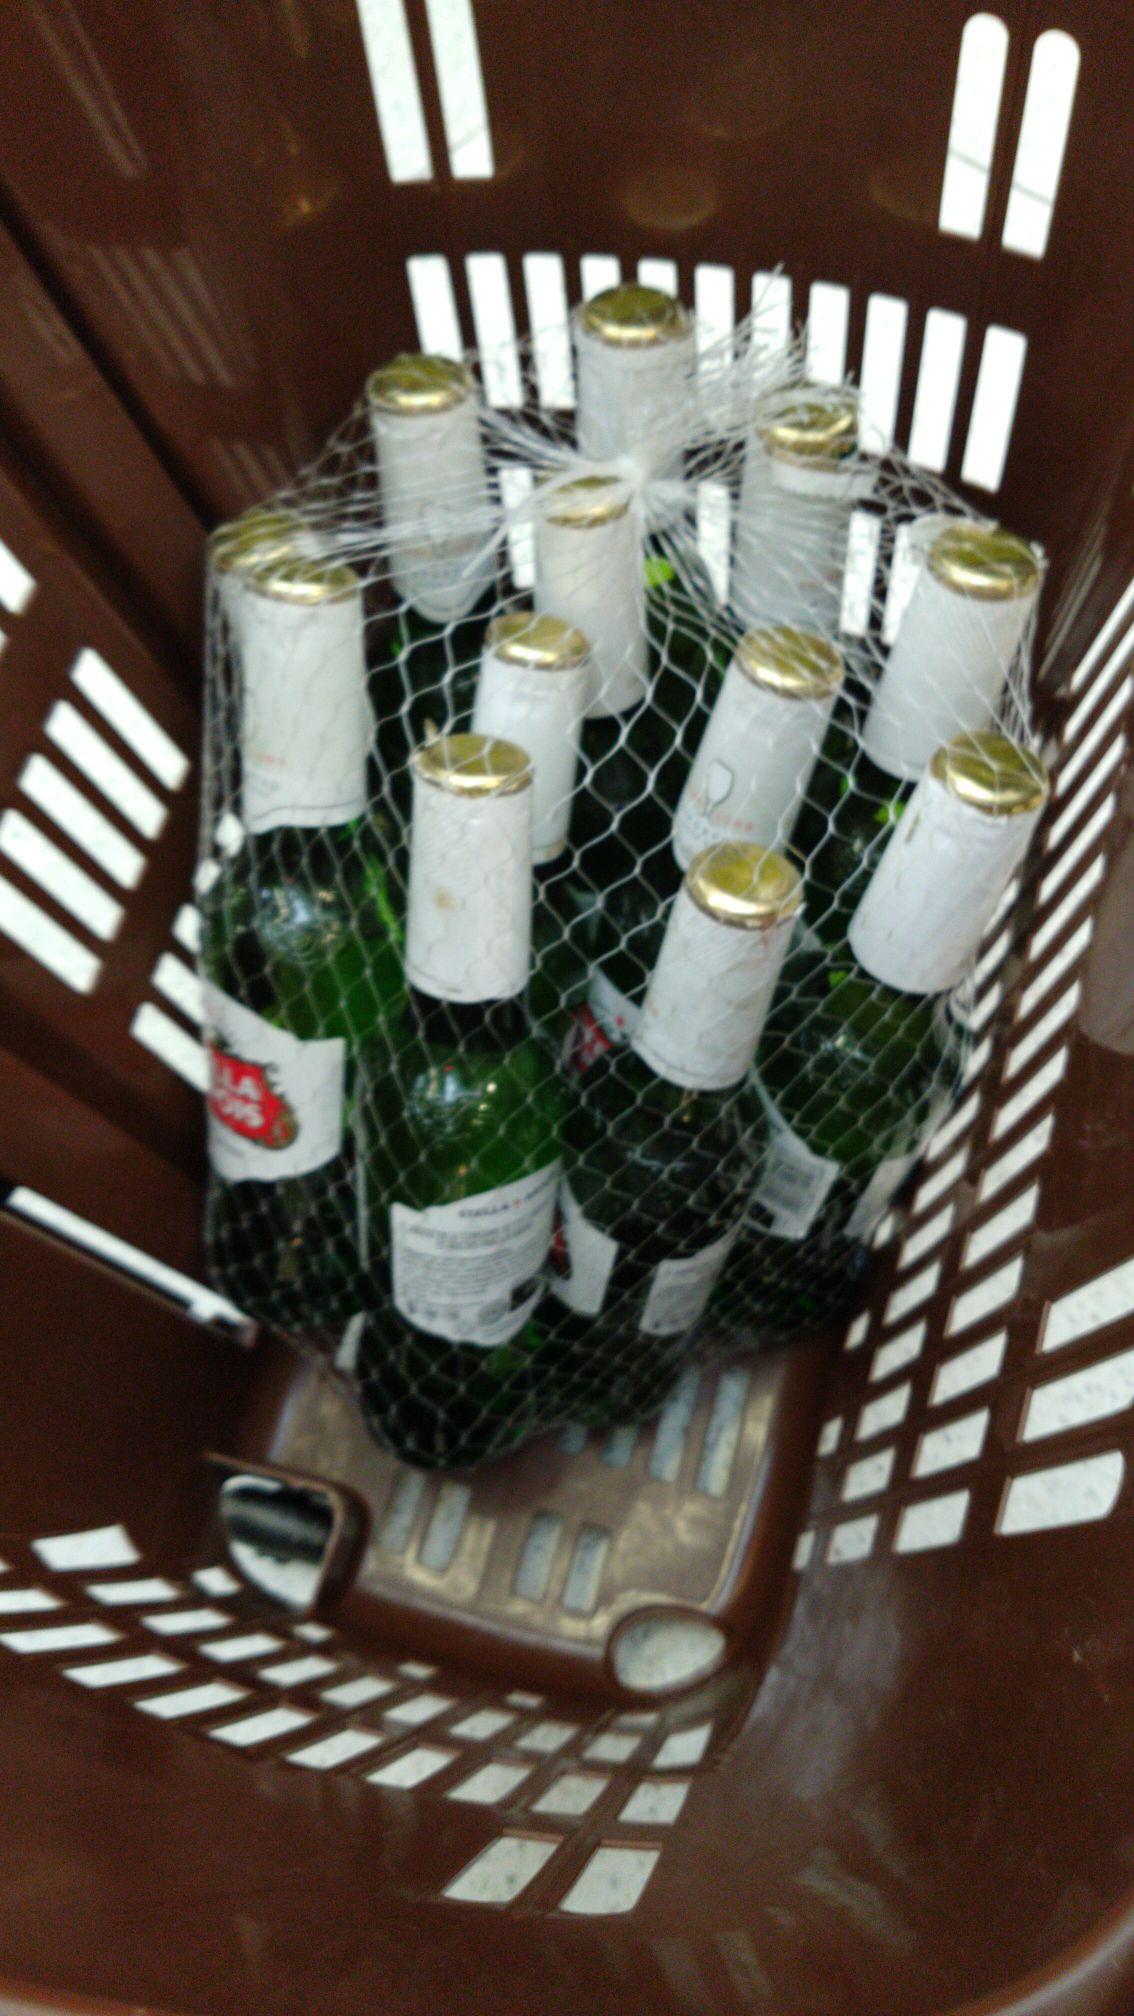 Superama: 12 Cervezas Stella Artois